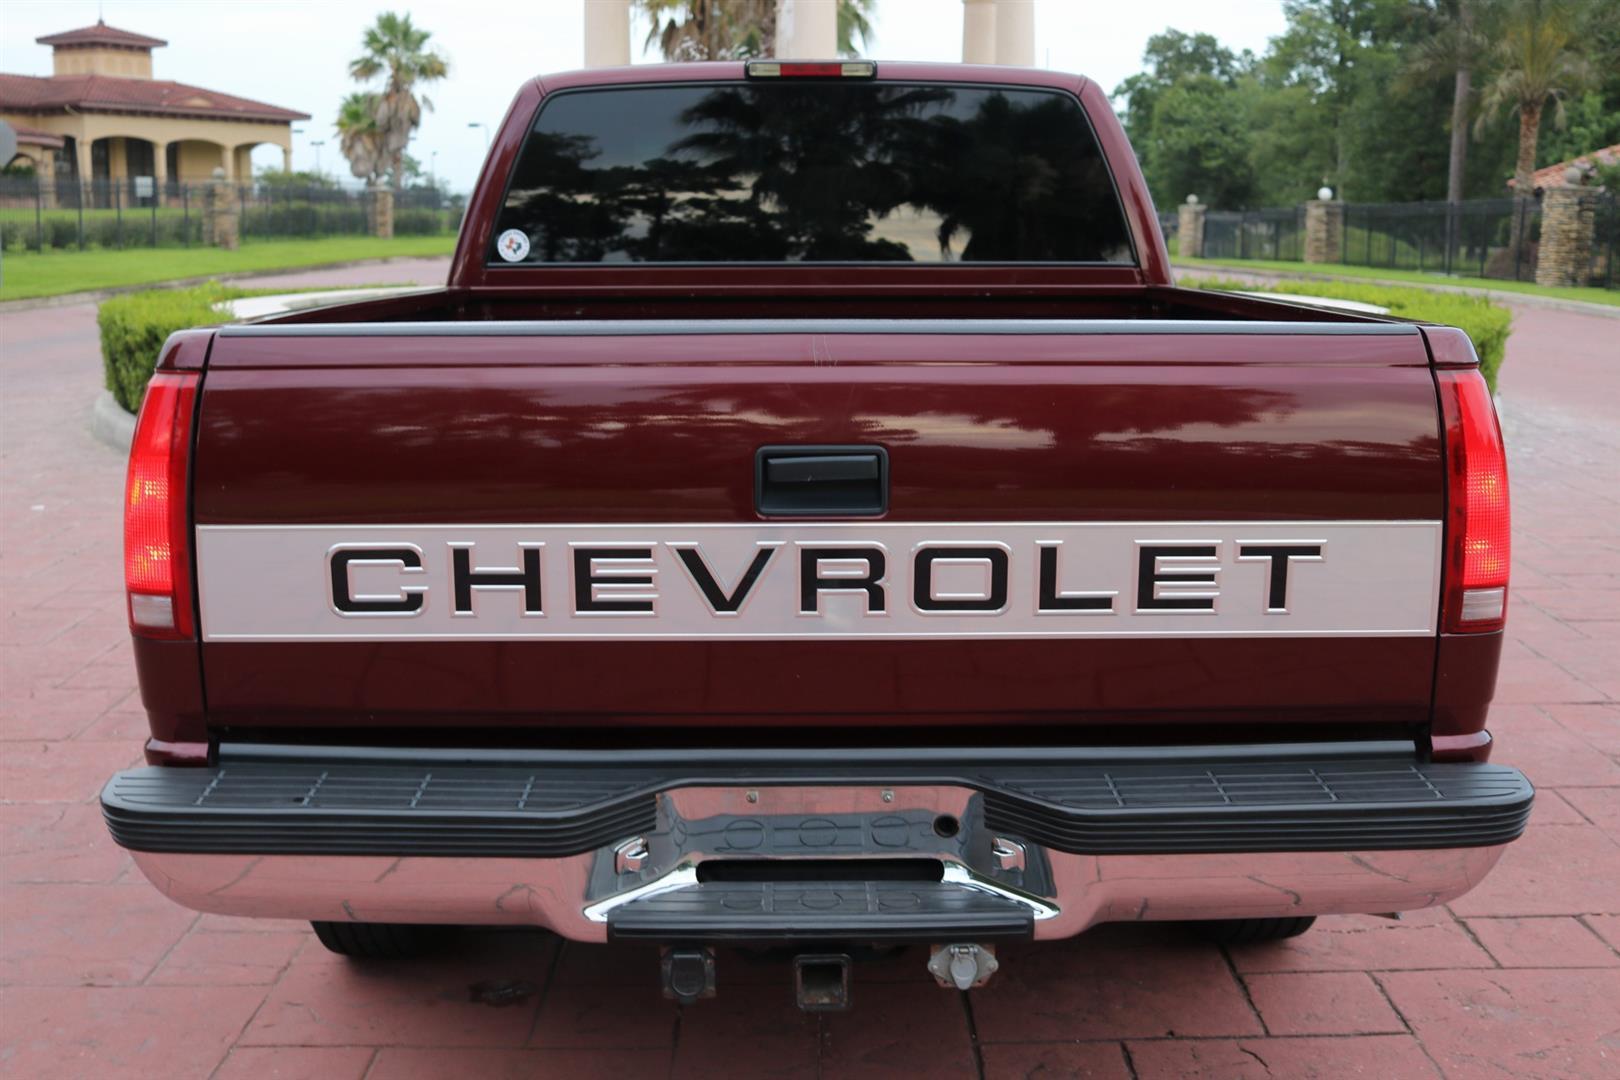 1997 Chevy 1500 Ex Cab Silverado – TEXAS TRUCKS & CLASSICS